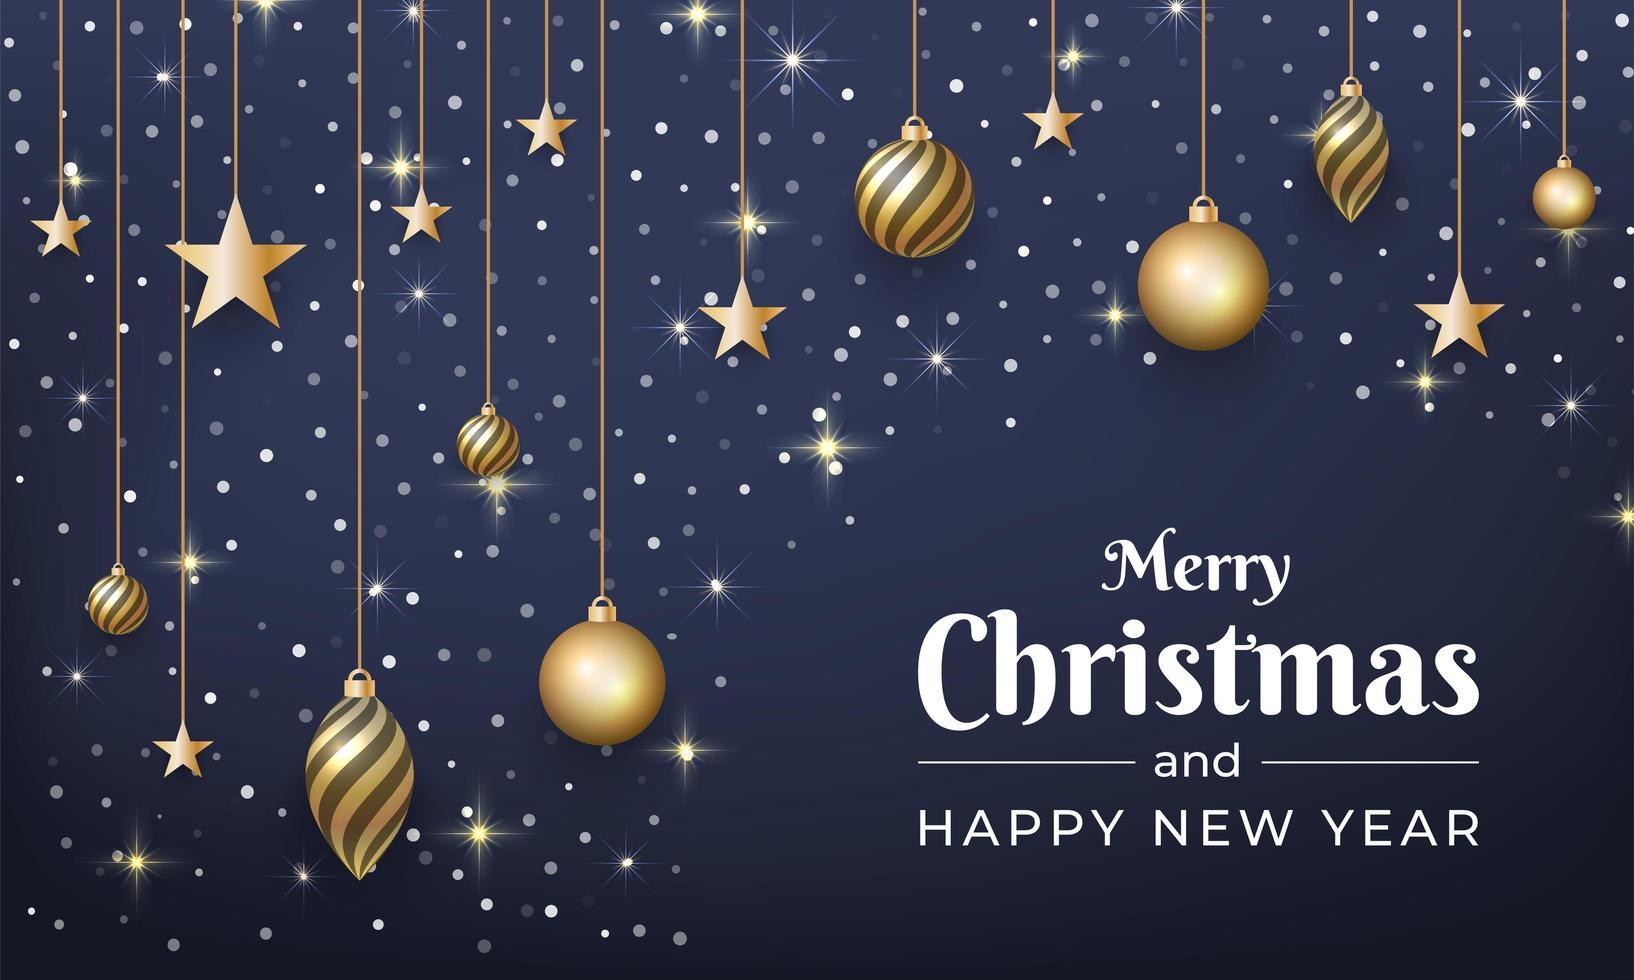 diseño de navidad y año nuevo con purpurina, adornos dorados vector